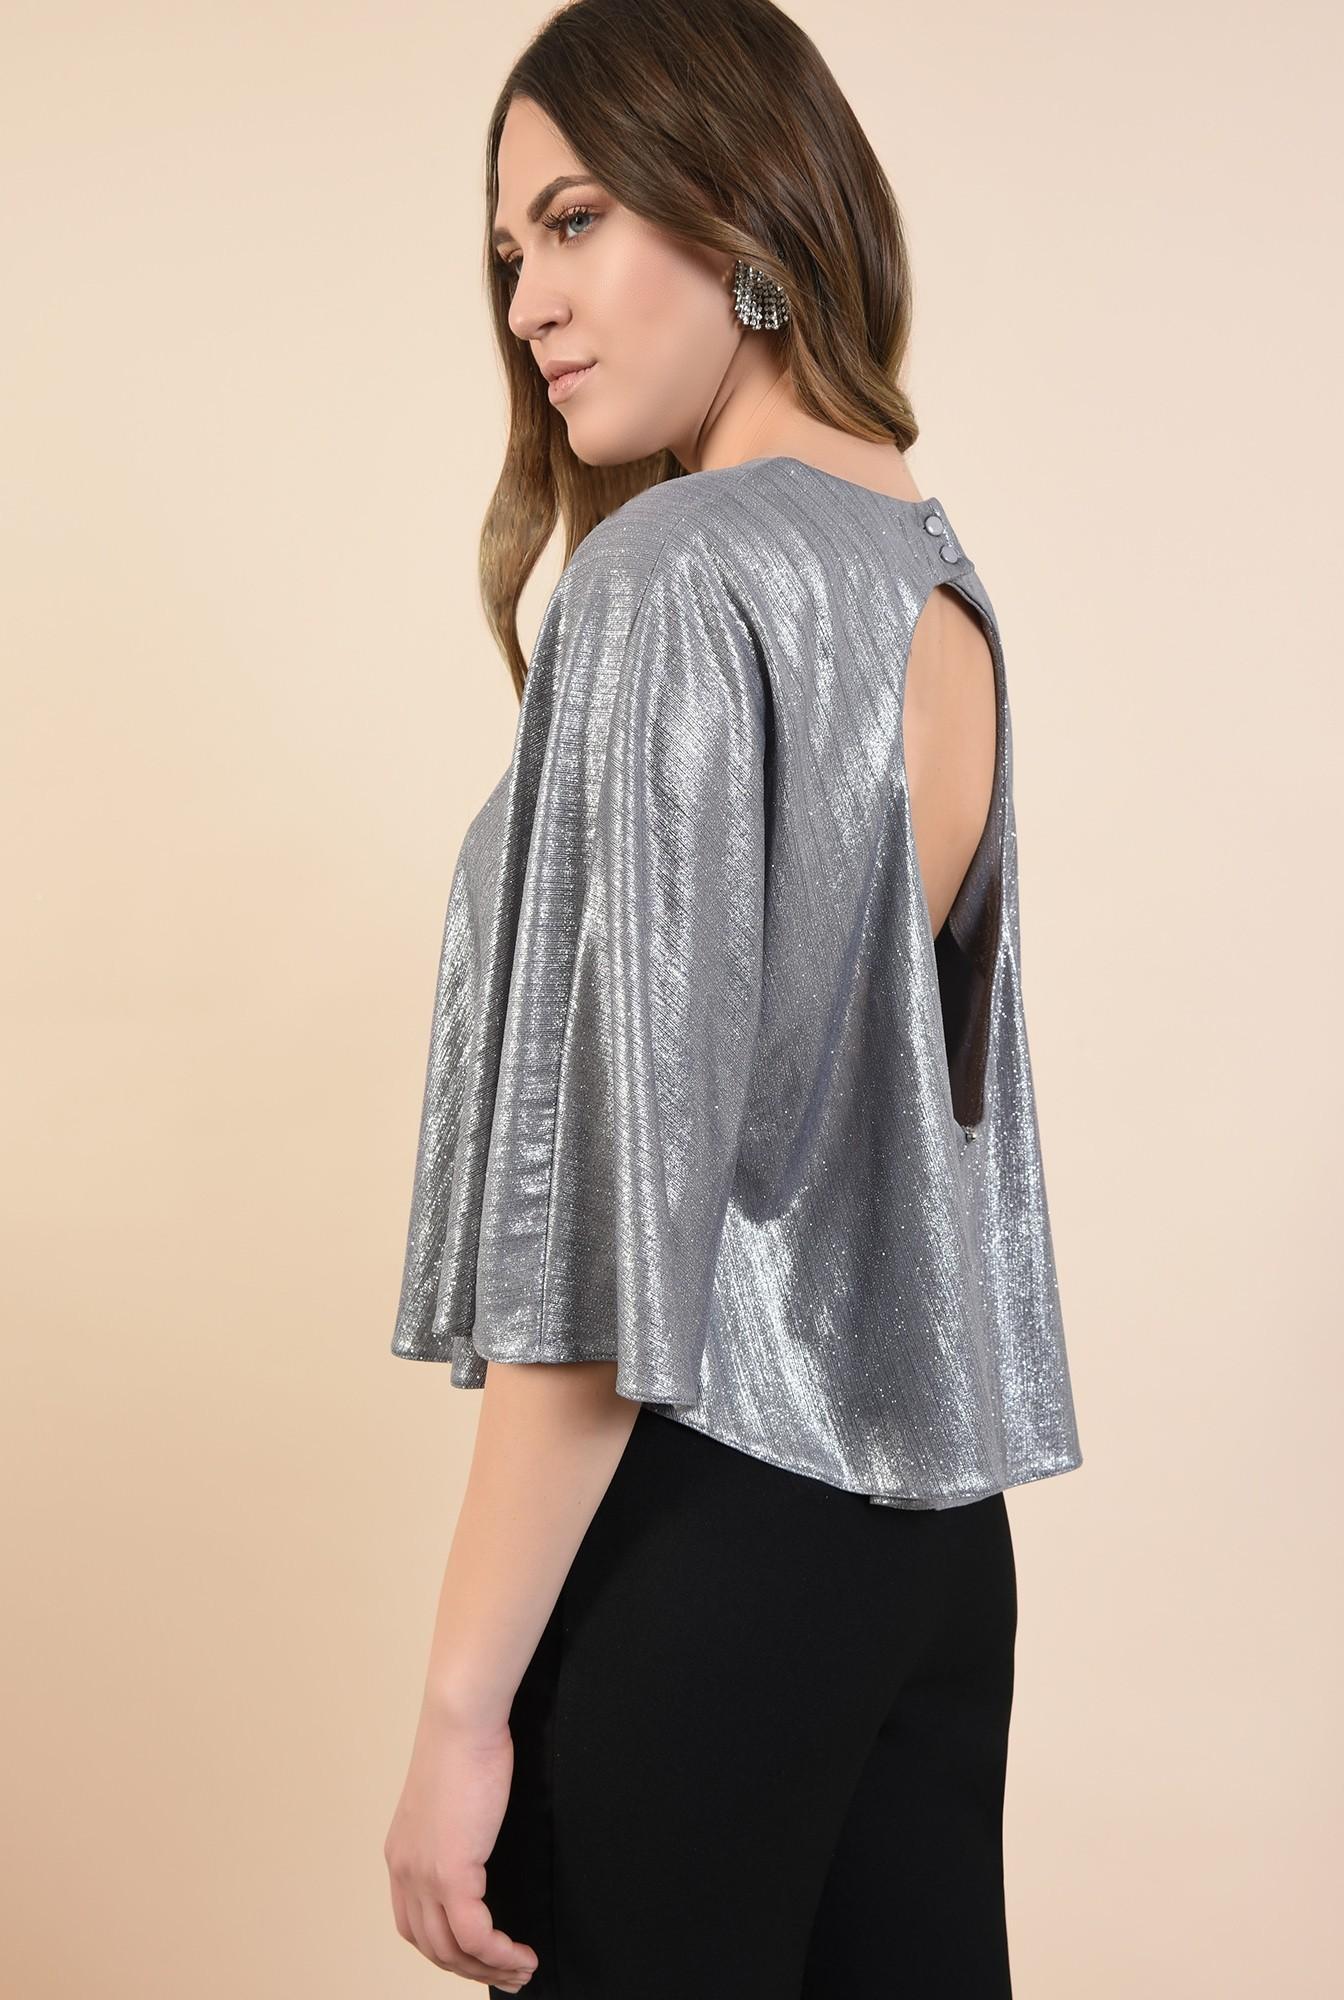 1 - bluza eleganta, tip capa, argintie, cu sclipici, maneci fluture